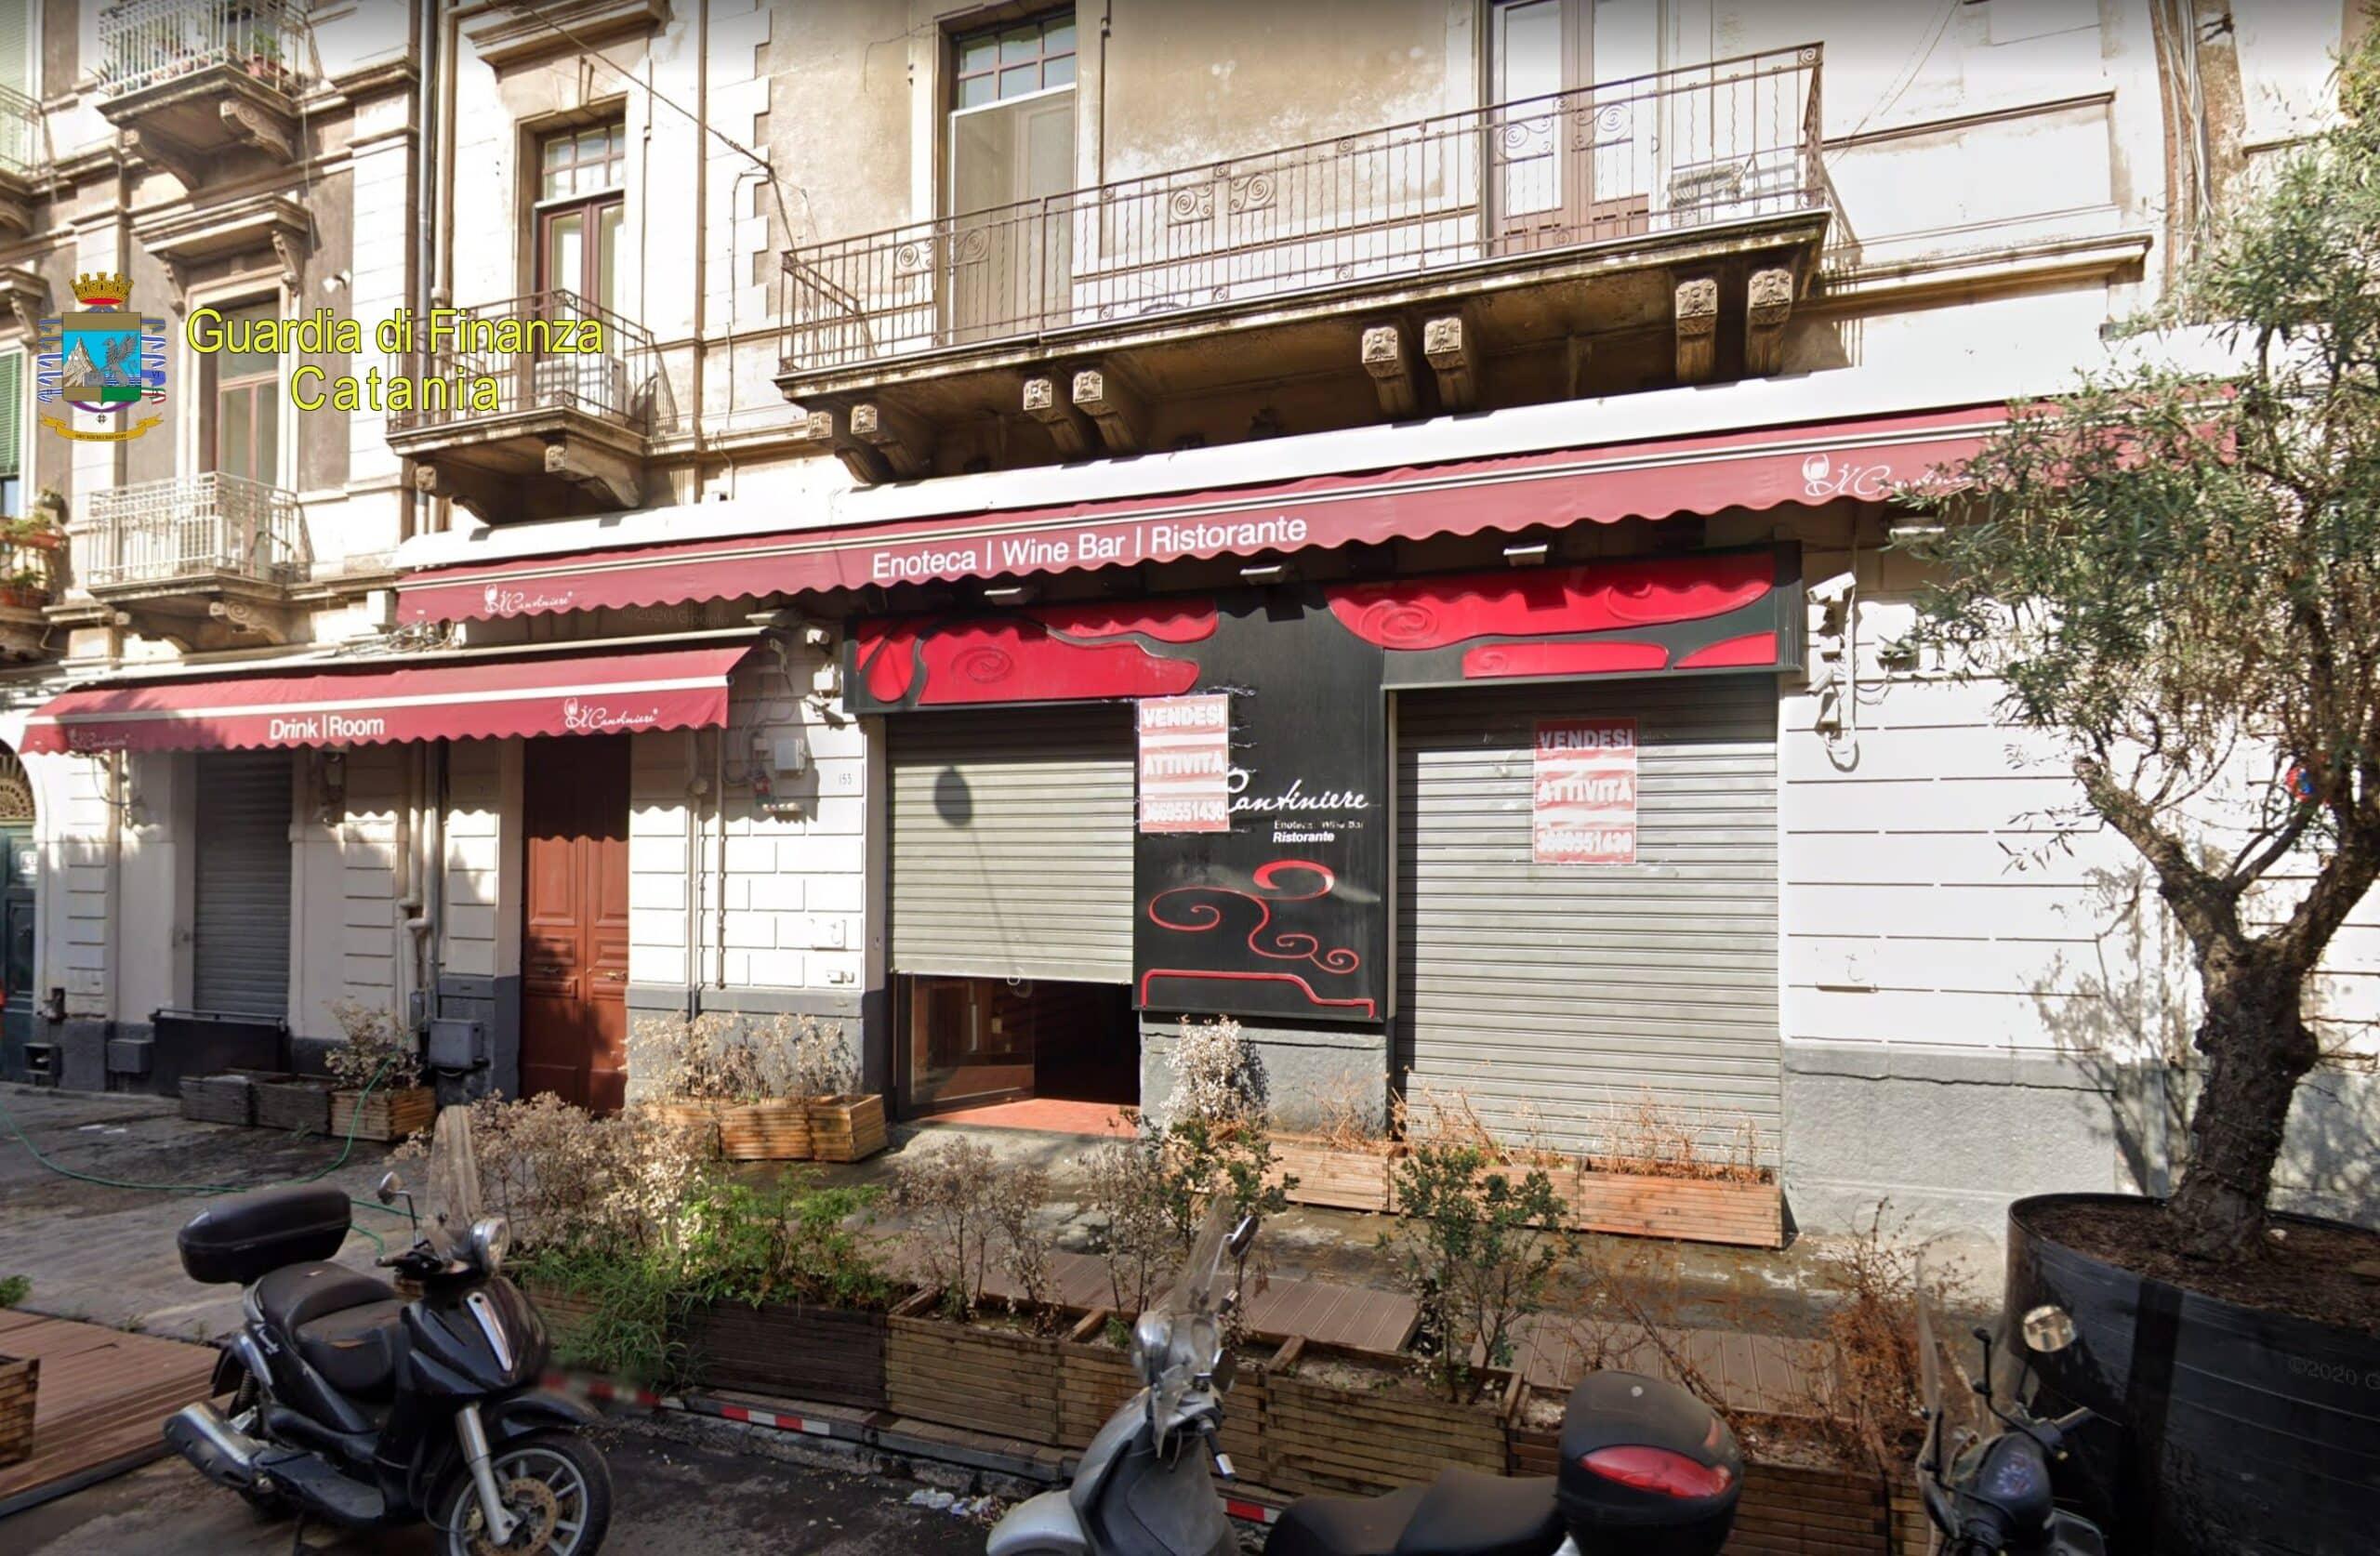 """Catania, ancora guai per """"Il Cantiniere"""": gestore arrestato e patrimonio aziendale sequestrato. Tre locali coinvolti"""